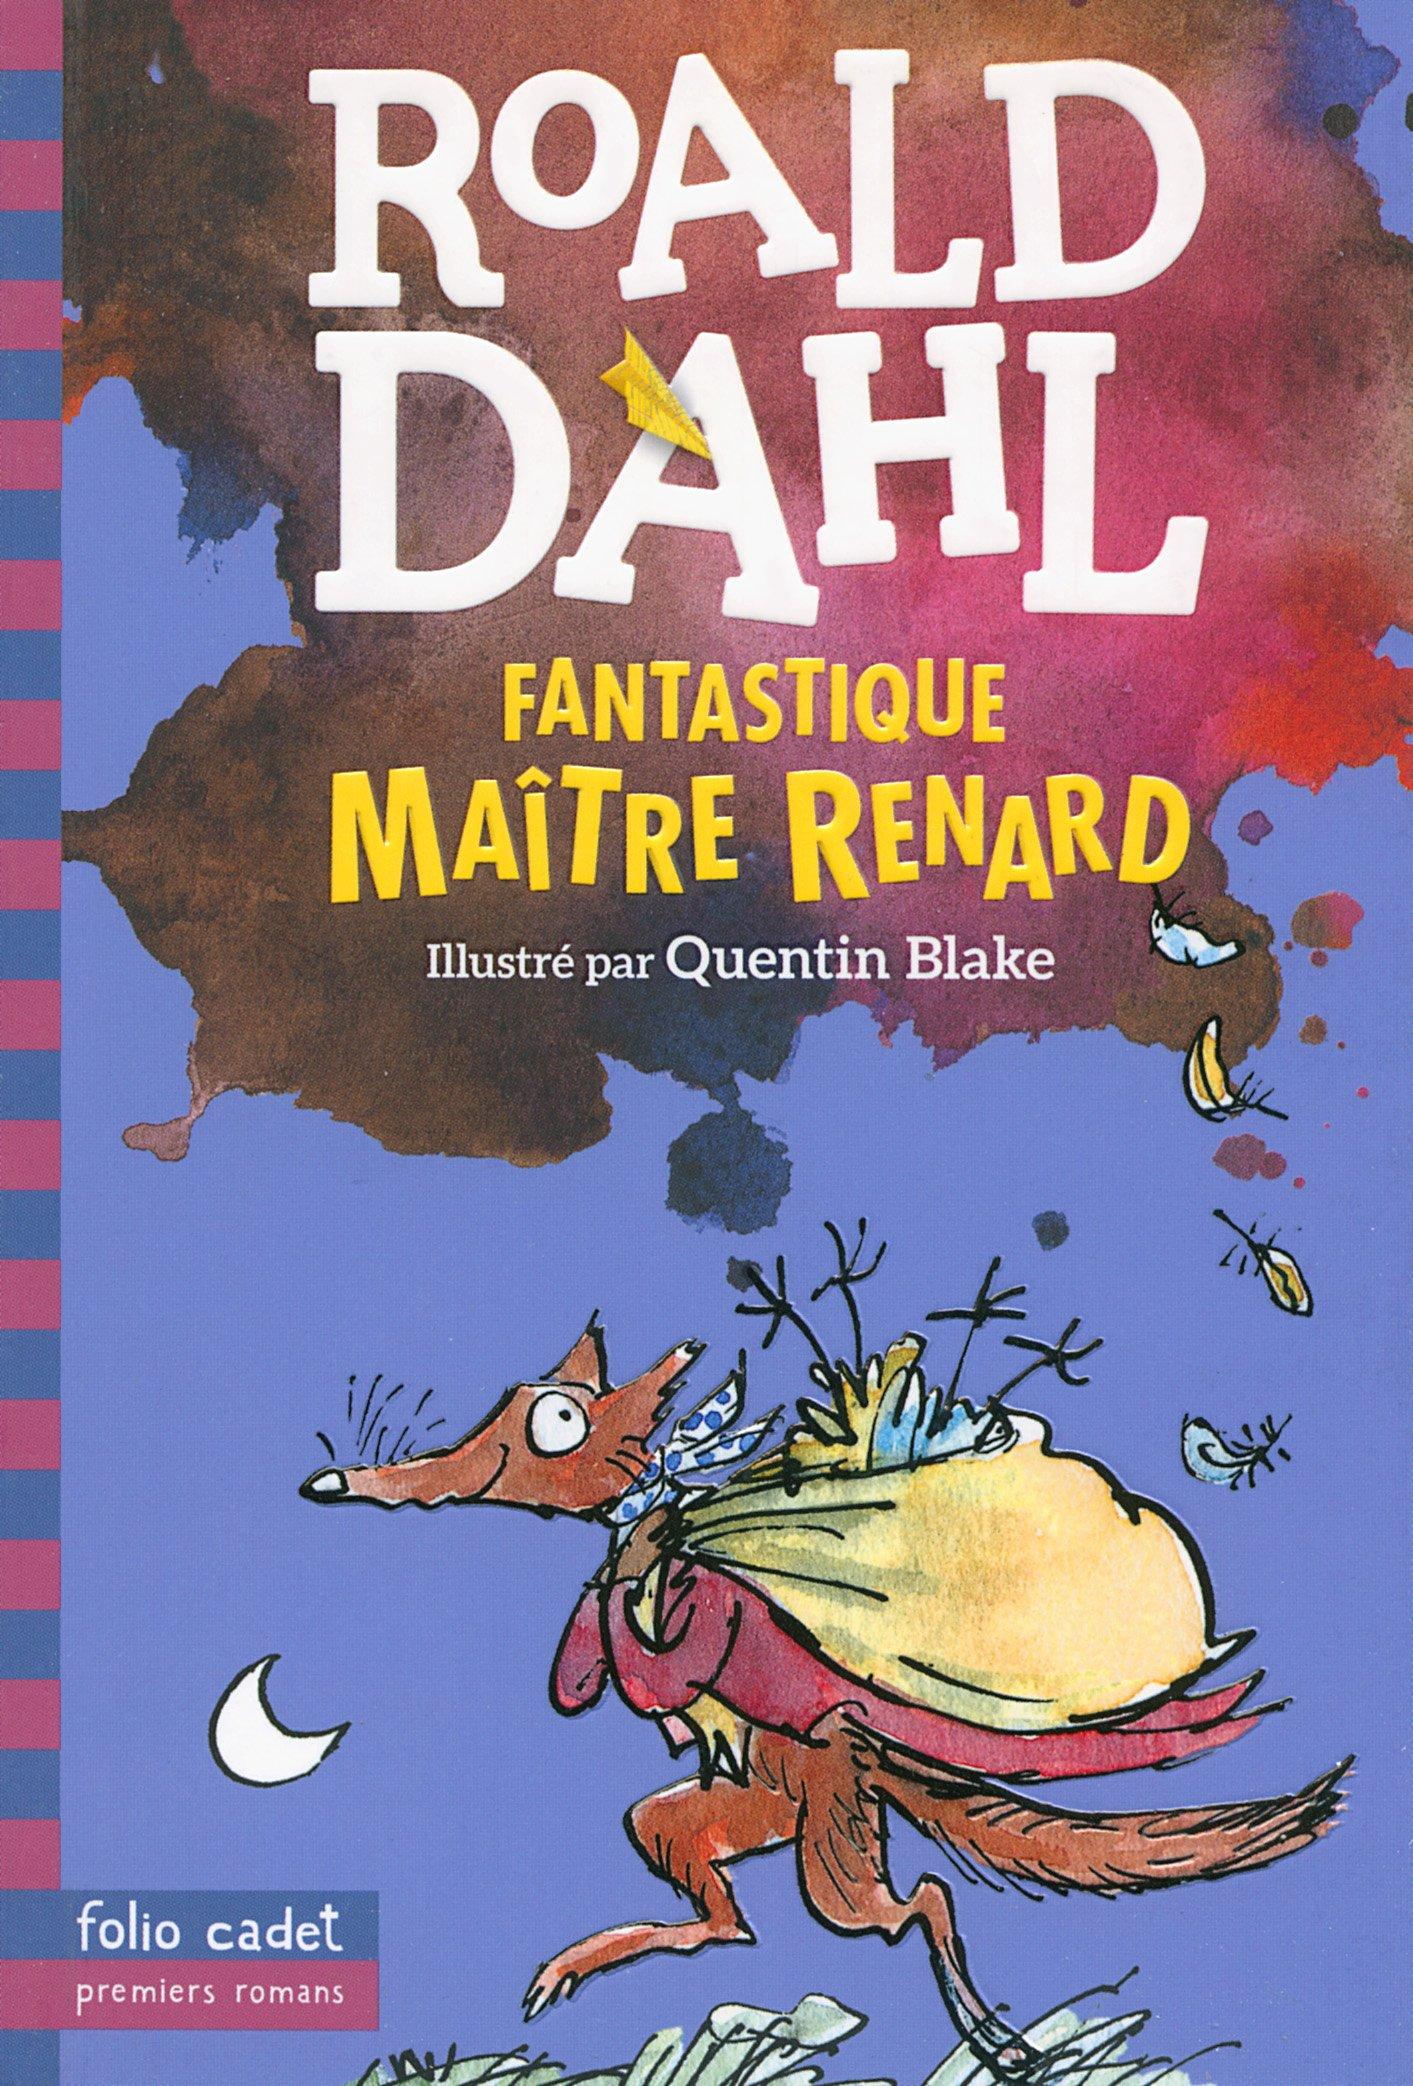 Fantastique Maître Renard écrit par Roald Dahl